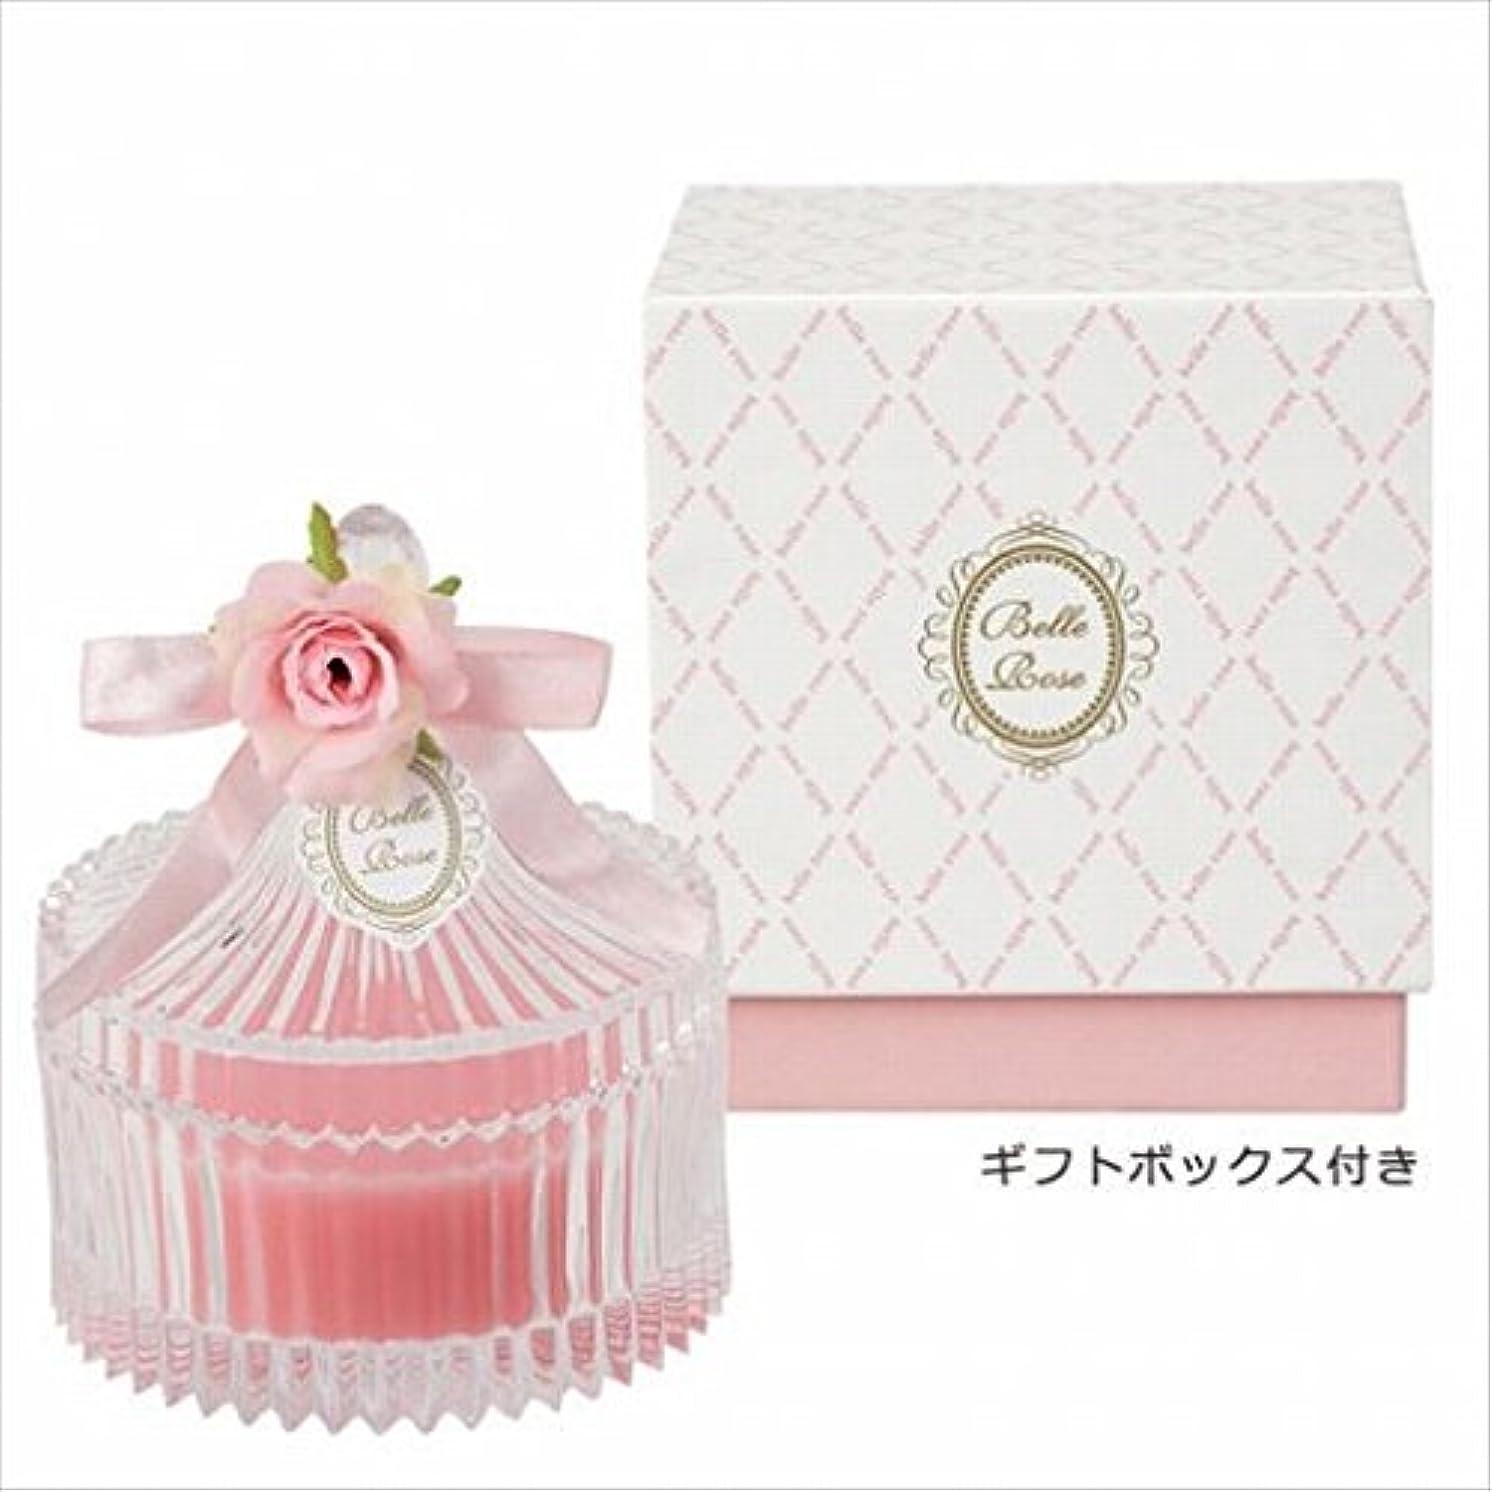 カメヤマキャンドル( kameyama candle ) ベルローズキャニスター 「 ピンク 」 キャンドル